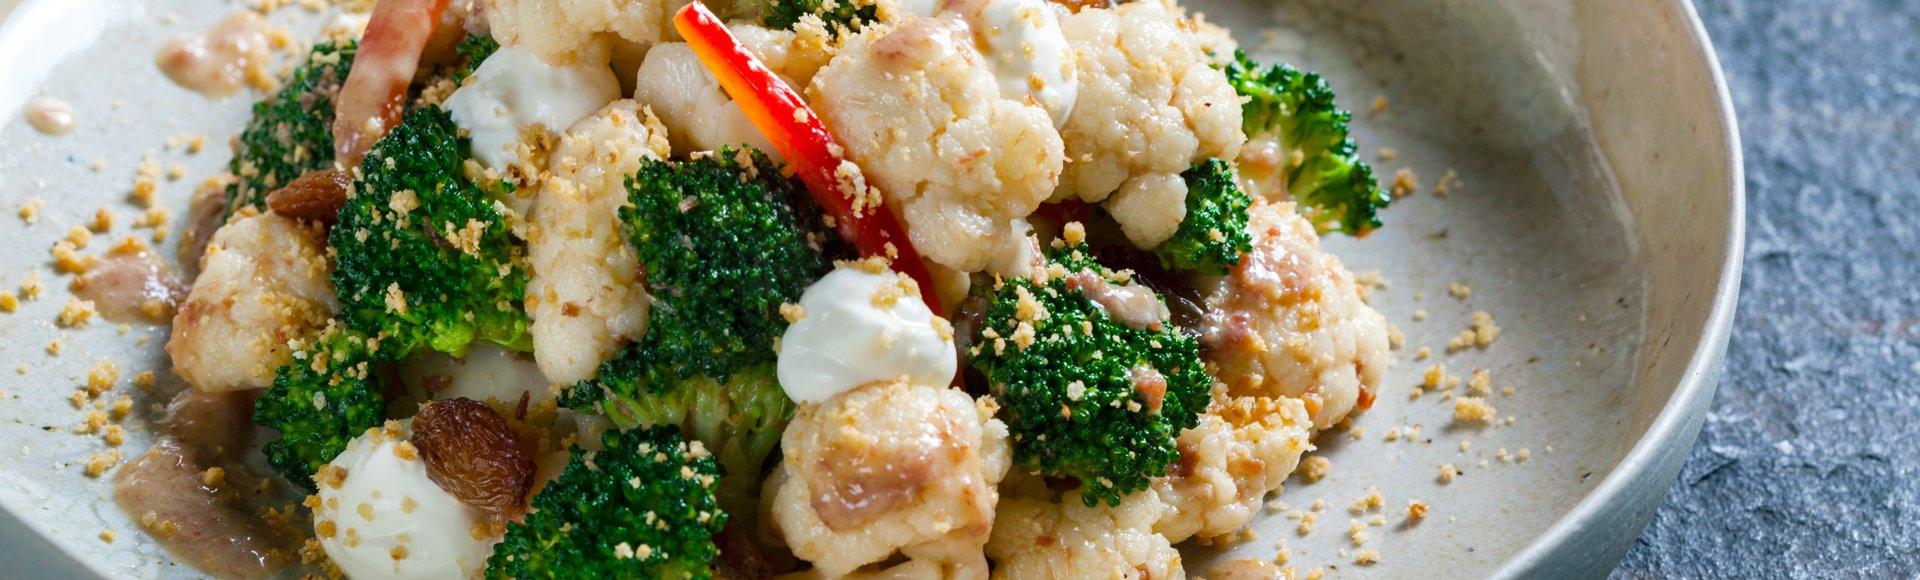 Τραγανό μπρόκολο και κουνουπίδι, μπέικον, σταφίδες, τρίμμα καβουρδισμένου φουντουκιού και κρέμα γιαουρτιού